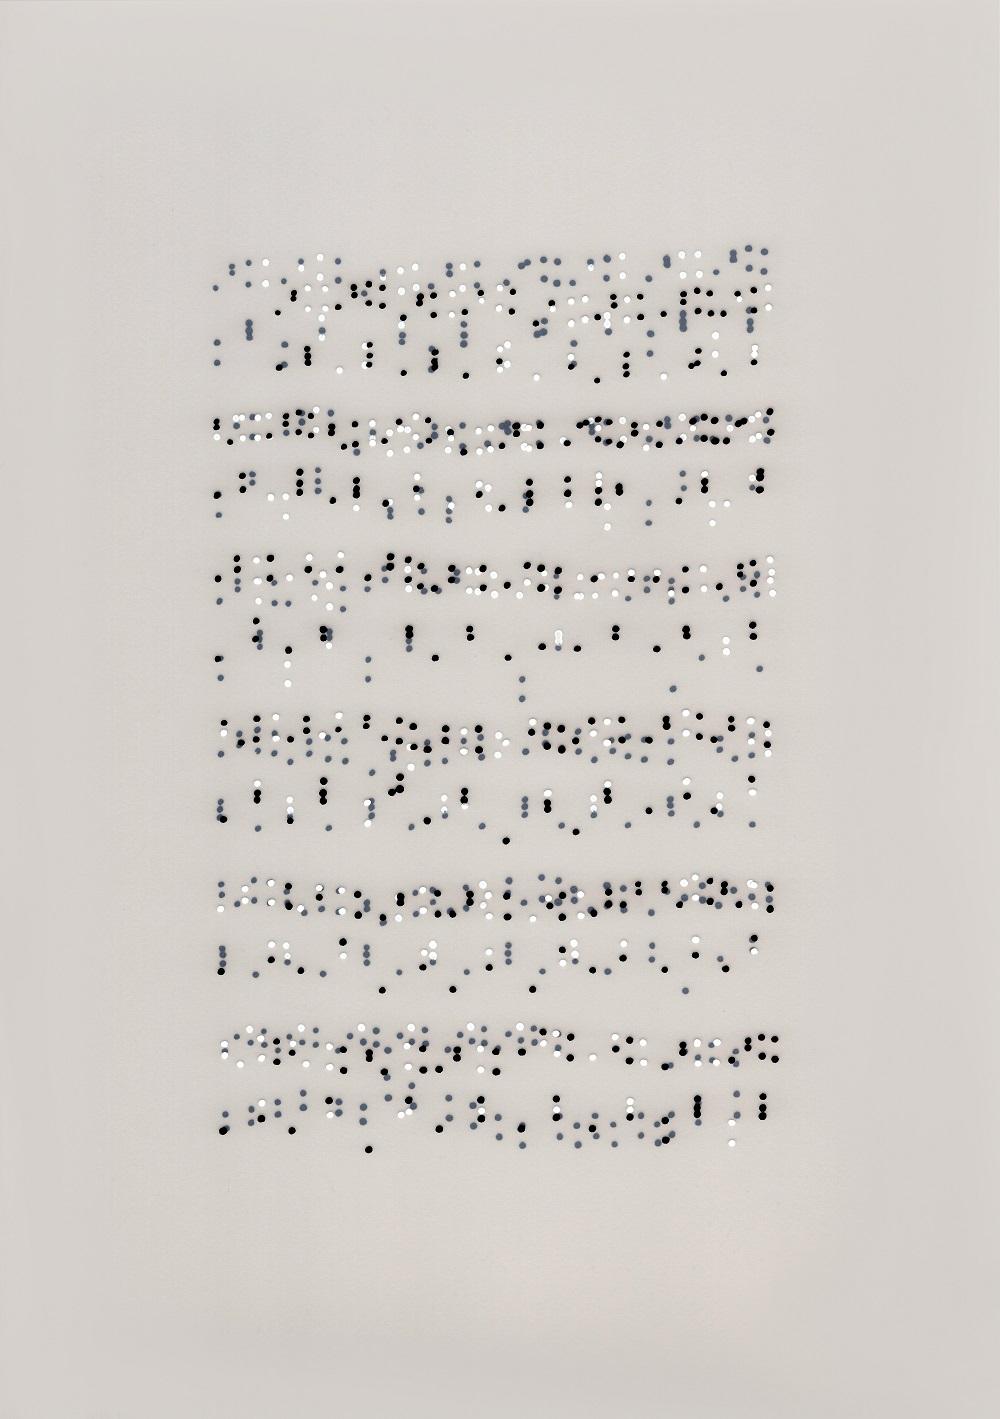 Neuma nº 25 (Chopin, Étude op.25 nº9)